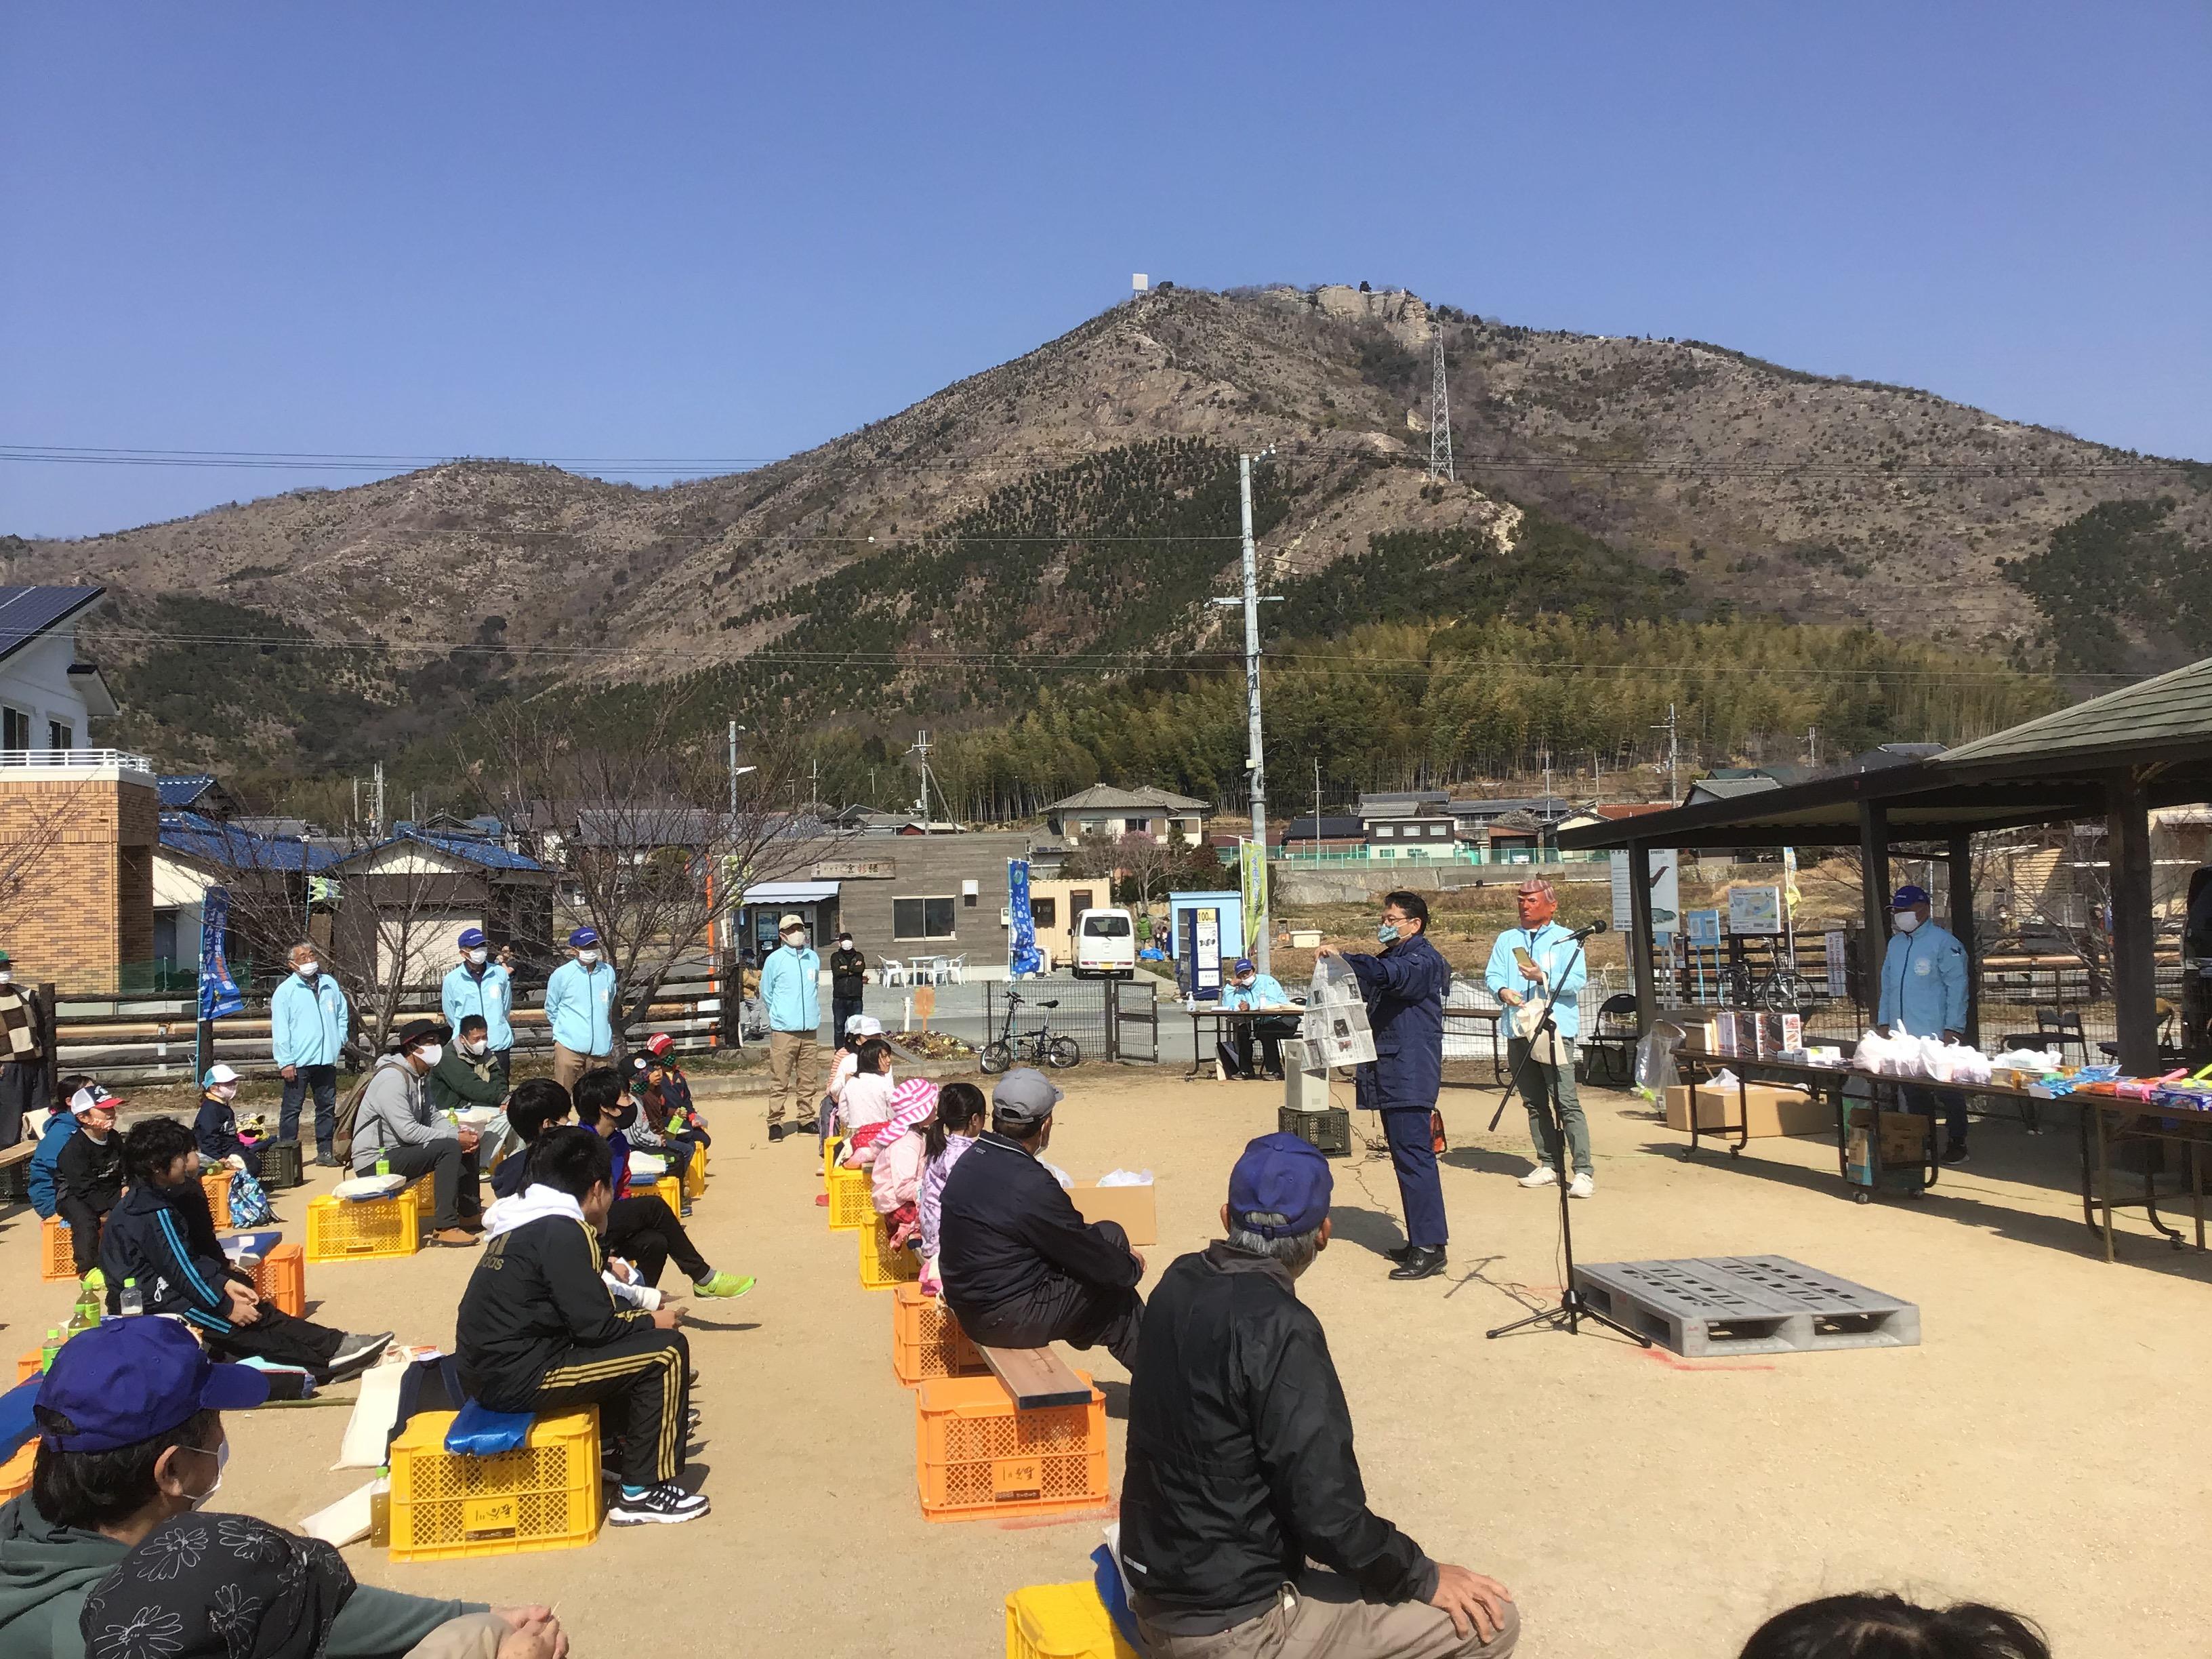 イベント恒例の伊藤東播磨県民局長の手品ショー。これが困ったことに場が盛り上がるだなぁ。